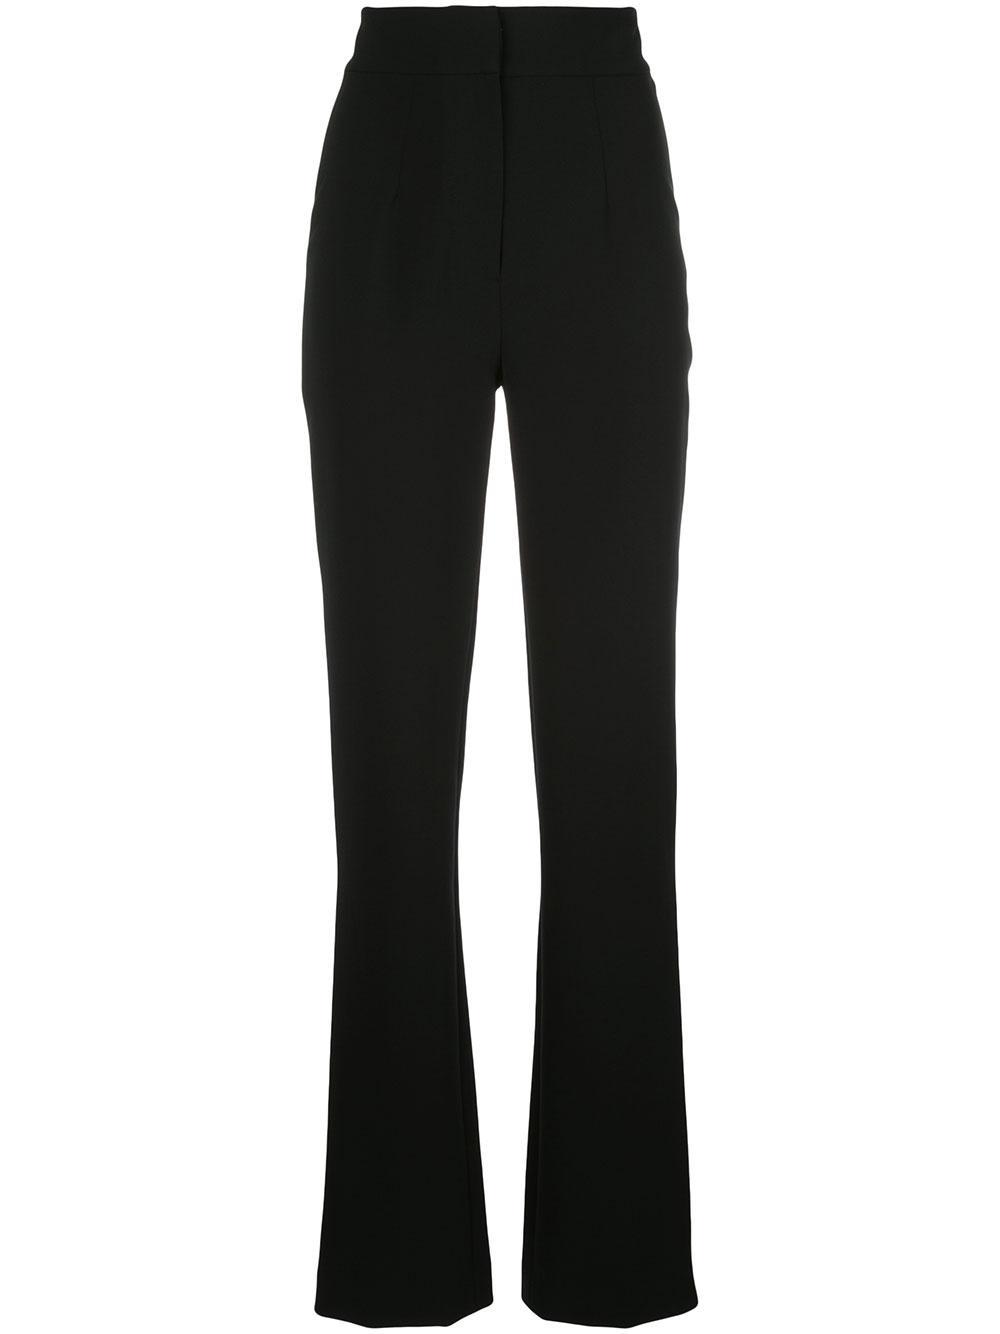 Lofton Slim Solid Suit Pant Item # A41906015727